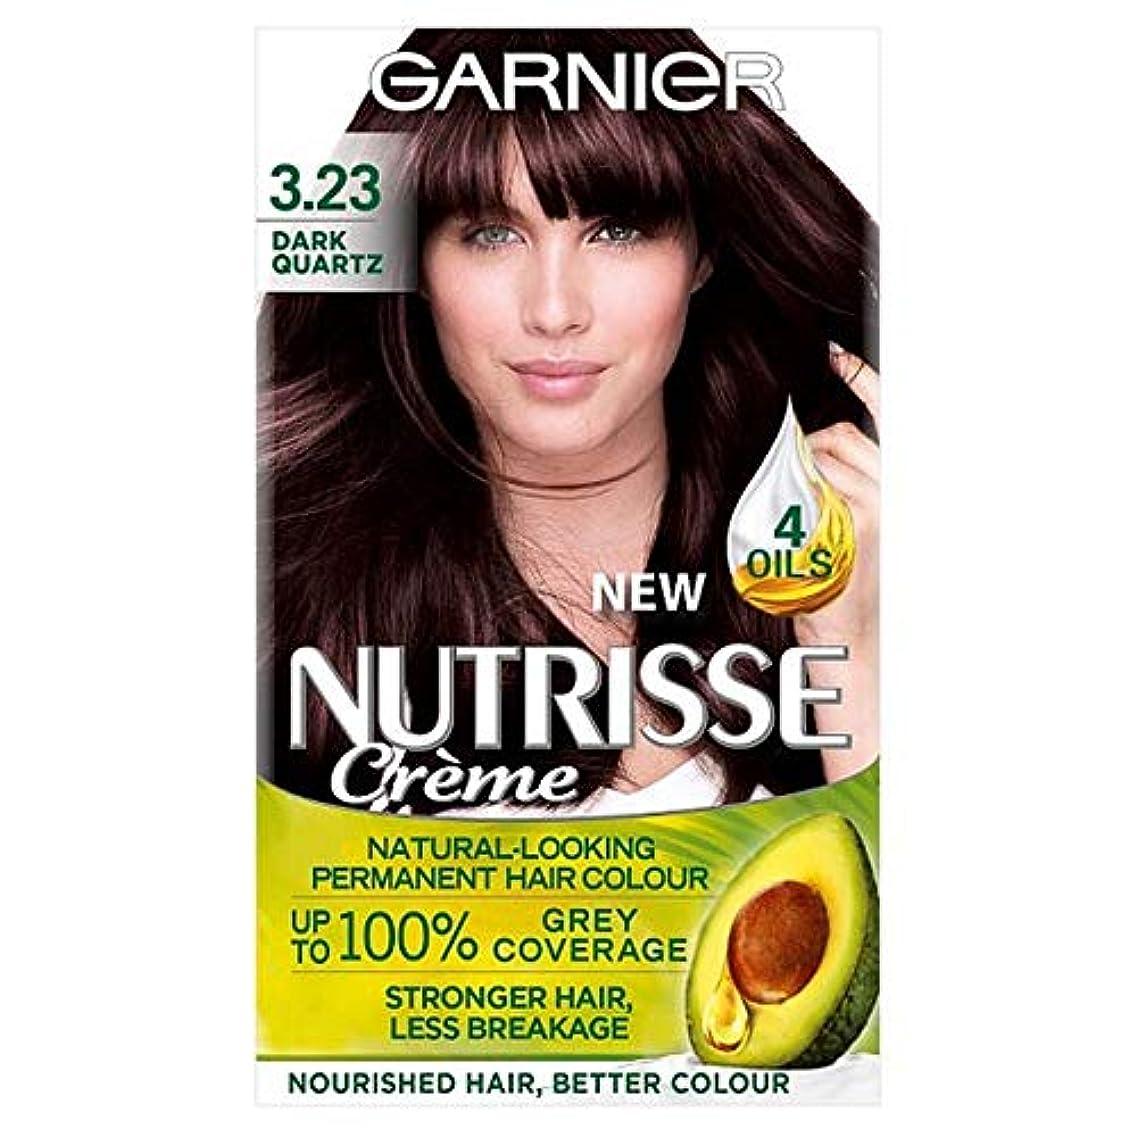 生物学どうやら地下室[Garnier ] ガルニエNutrisse 3.23ダークブラウンの石英パーマネントヘアダイ - Garnier Nutrisse 3.23 Dark Quartz Brown Permanent Hair Dye...